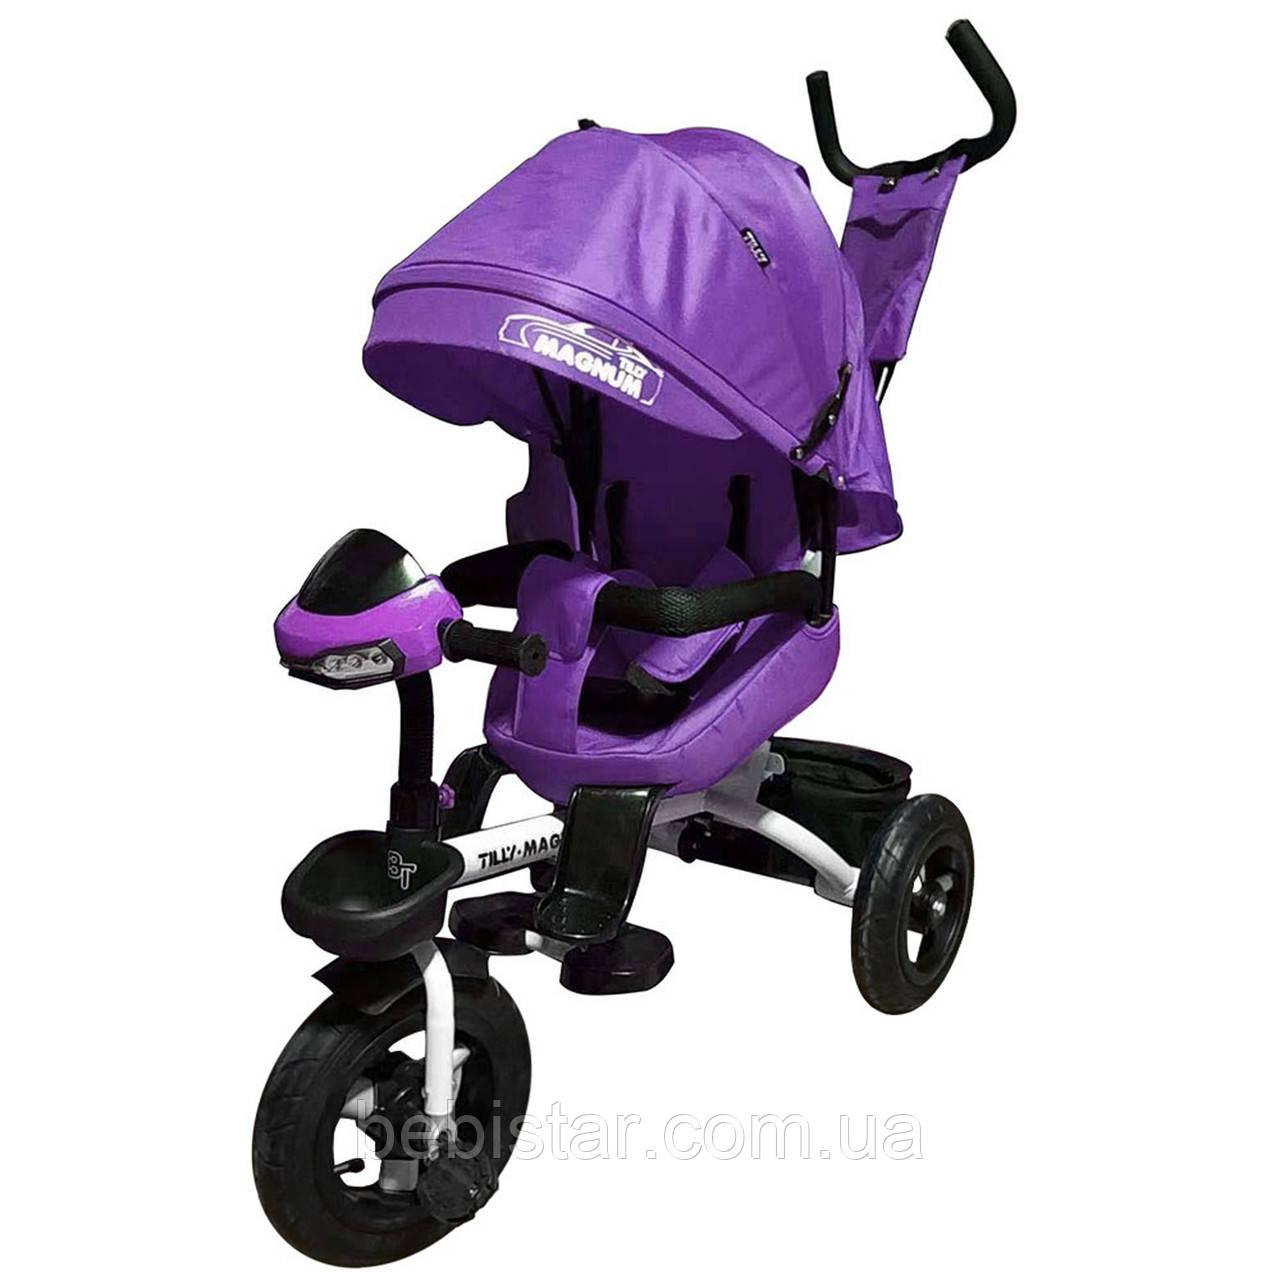 Детский трехколесный велосипед музыка свет поворот сидения TILLY MAGNUM T-382 Фиолетовый надувные колеса